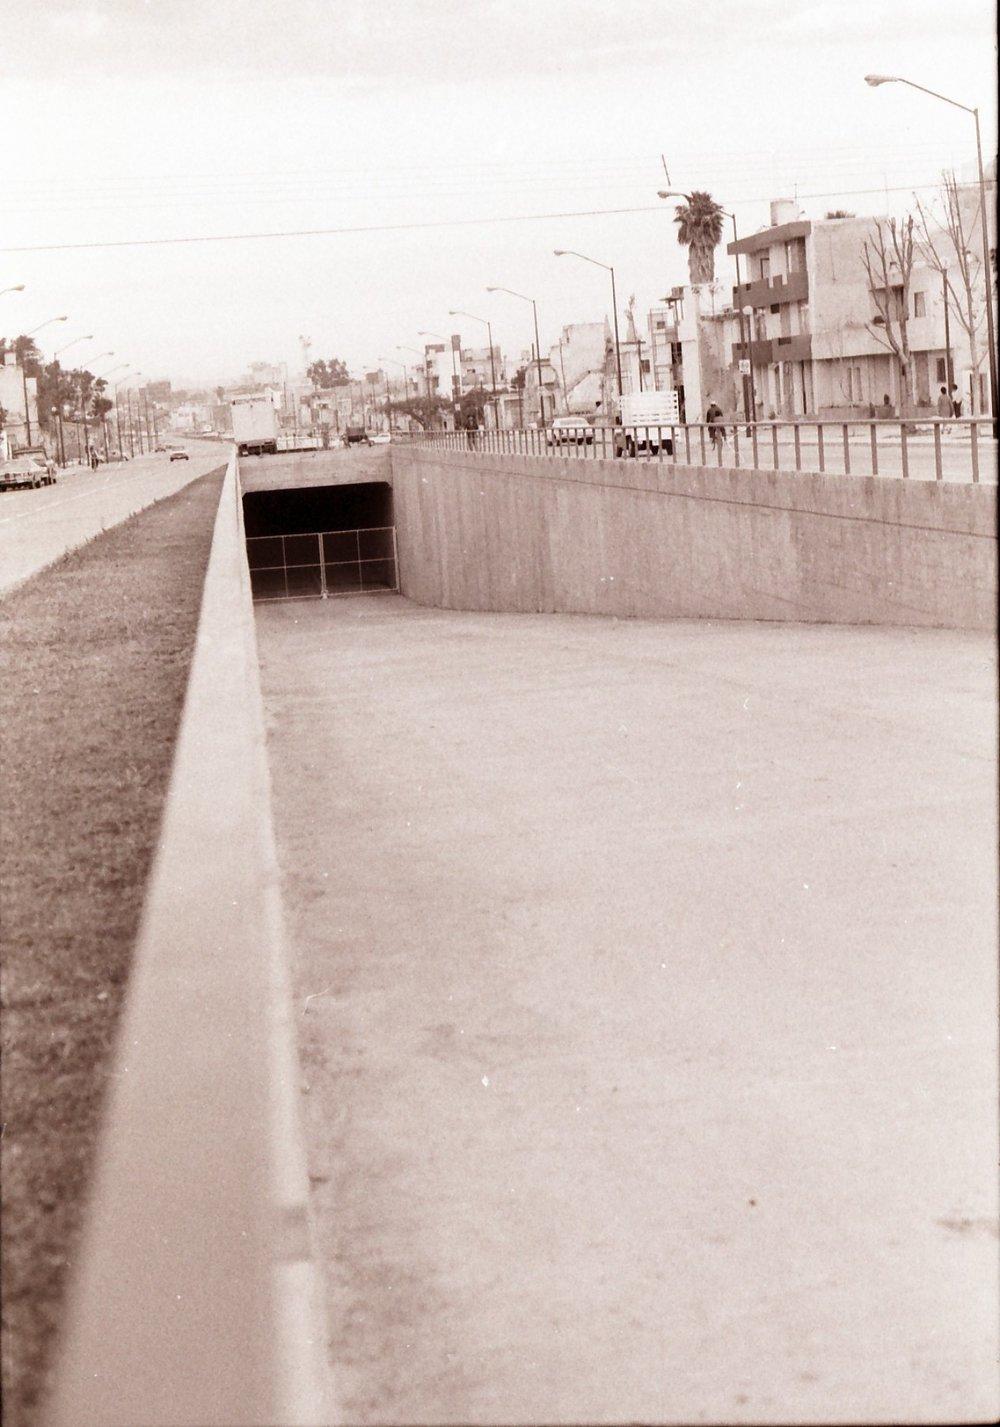 Snímek z poloviny 70. let zachycuje tunel pod novou třídou Federalismo ještě před tím, než do něj bylo nainstalováno trolejbusové trolejové vedení. (zdroj: kolekce Stephena Scalza / Scalzo Collection)